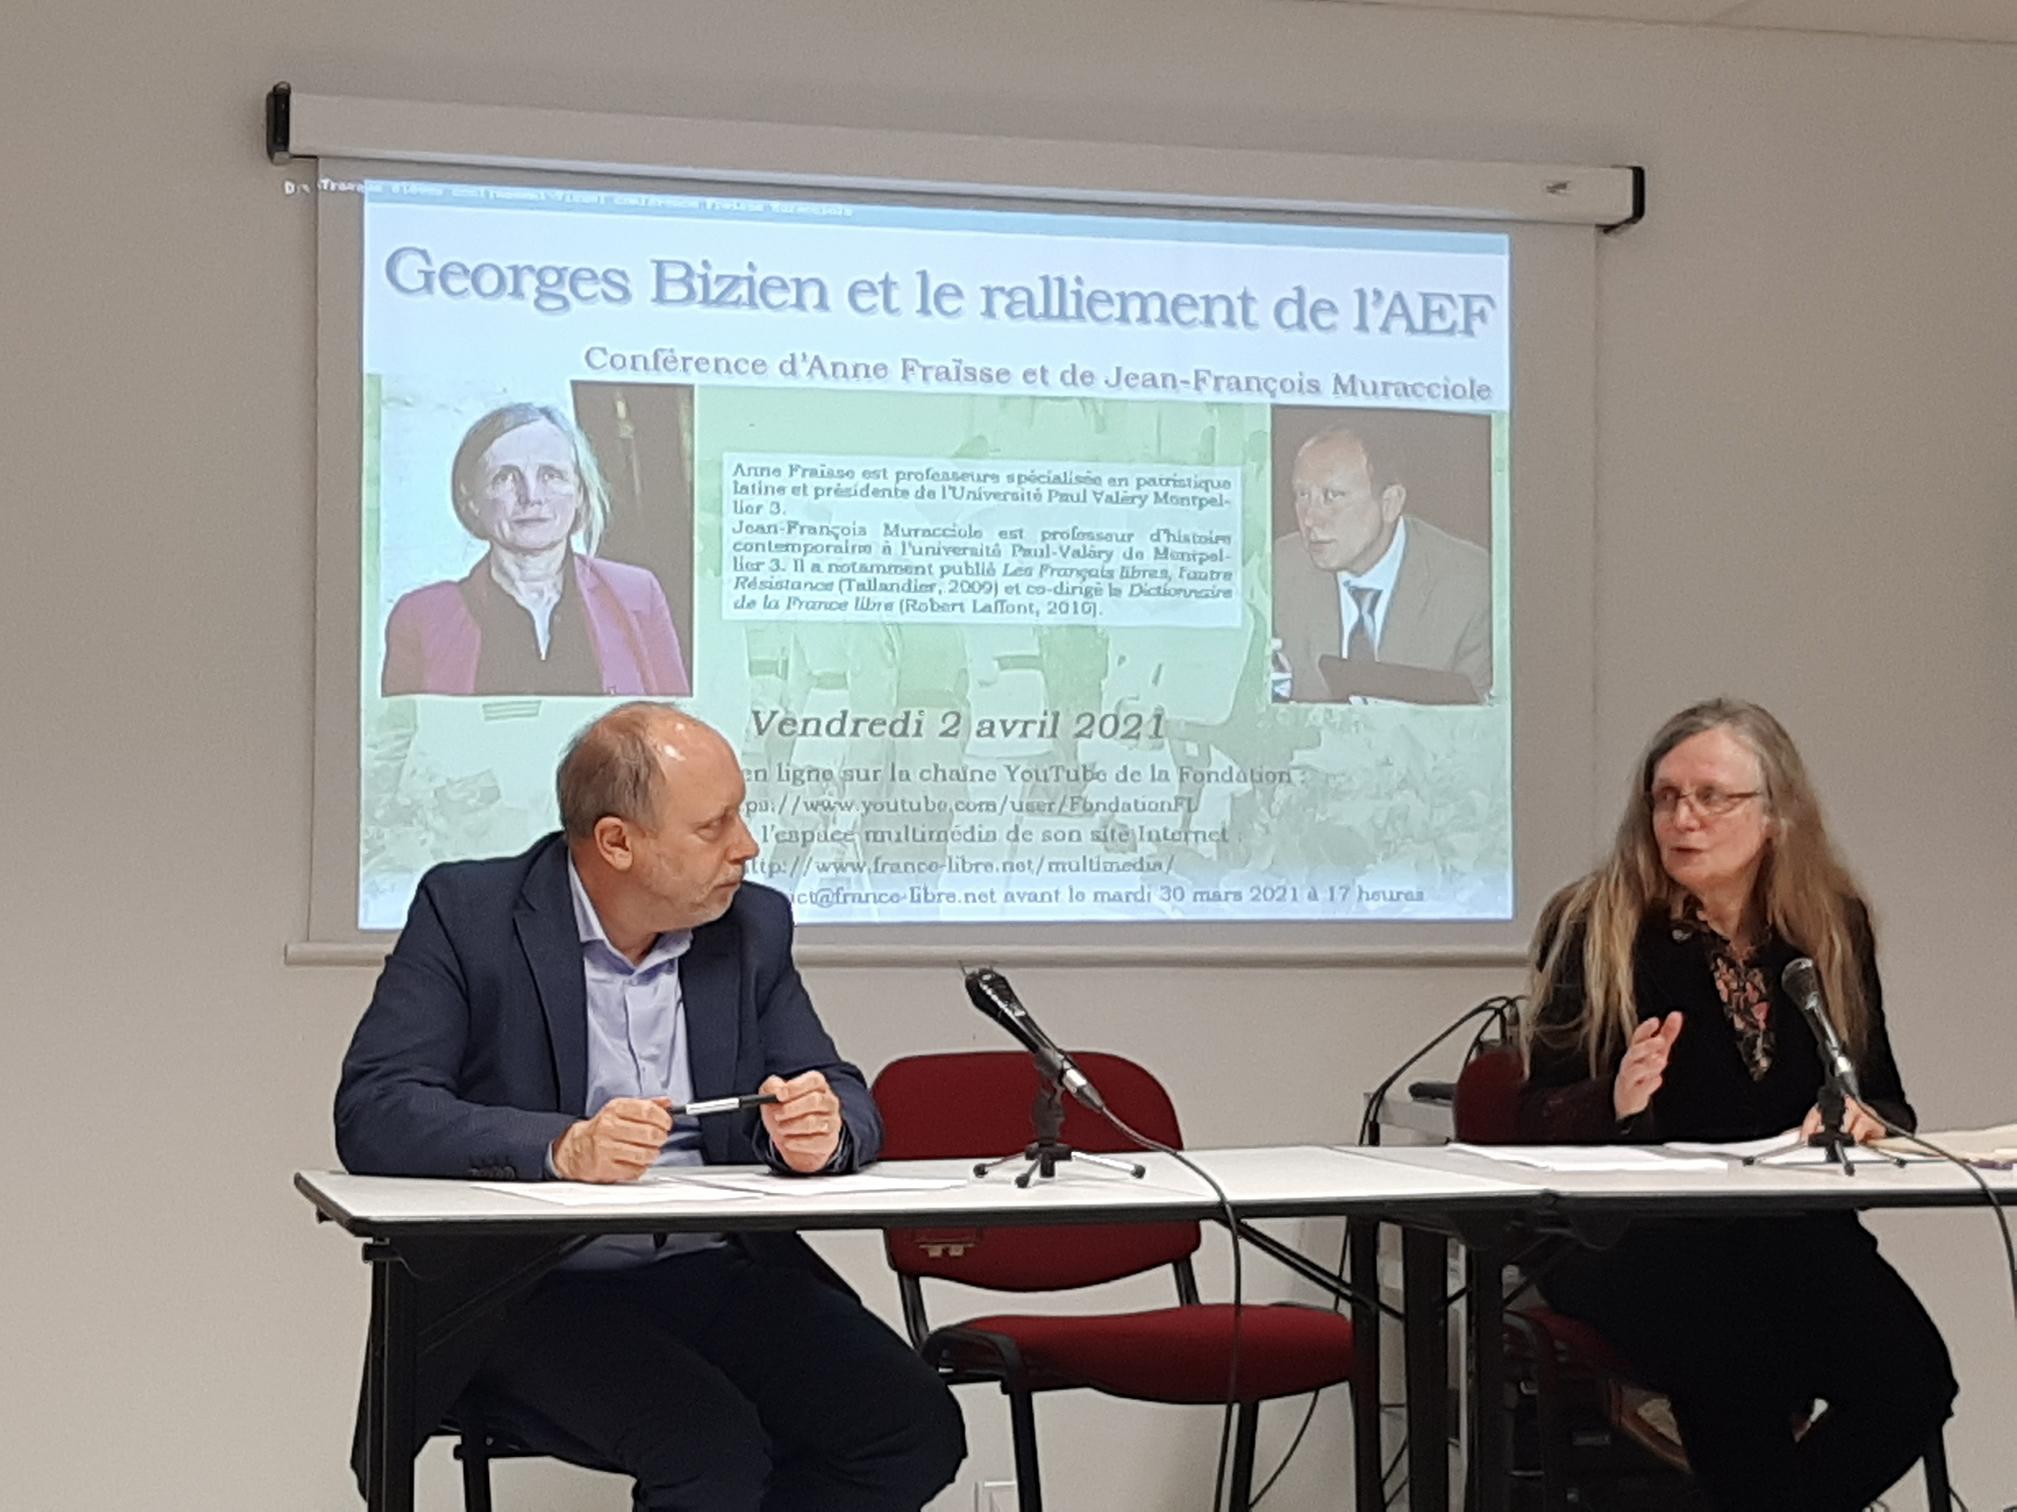 Gaston Georges Bizien et le ralliement de l'AEF (vidéo de la conférence)